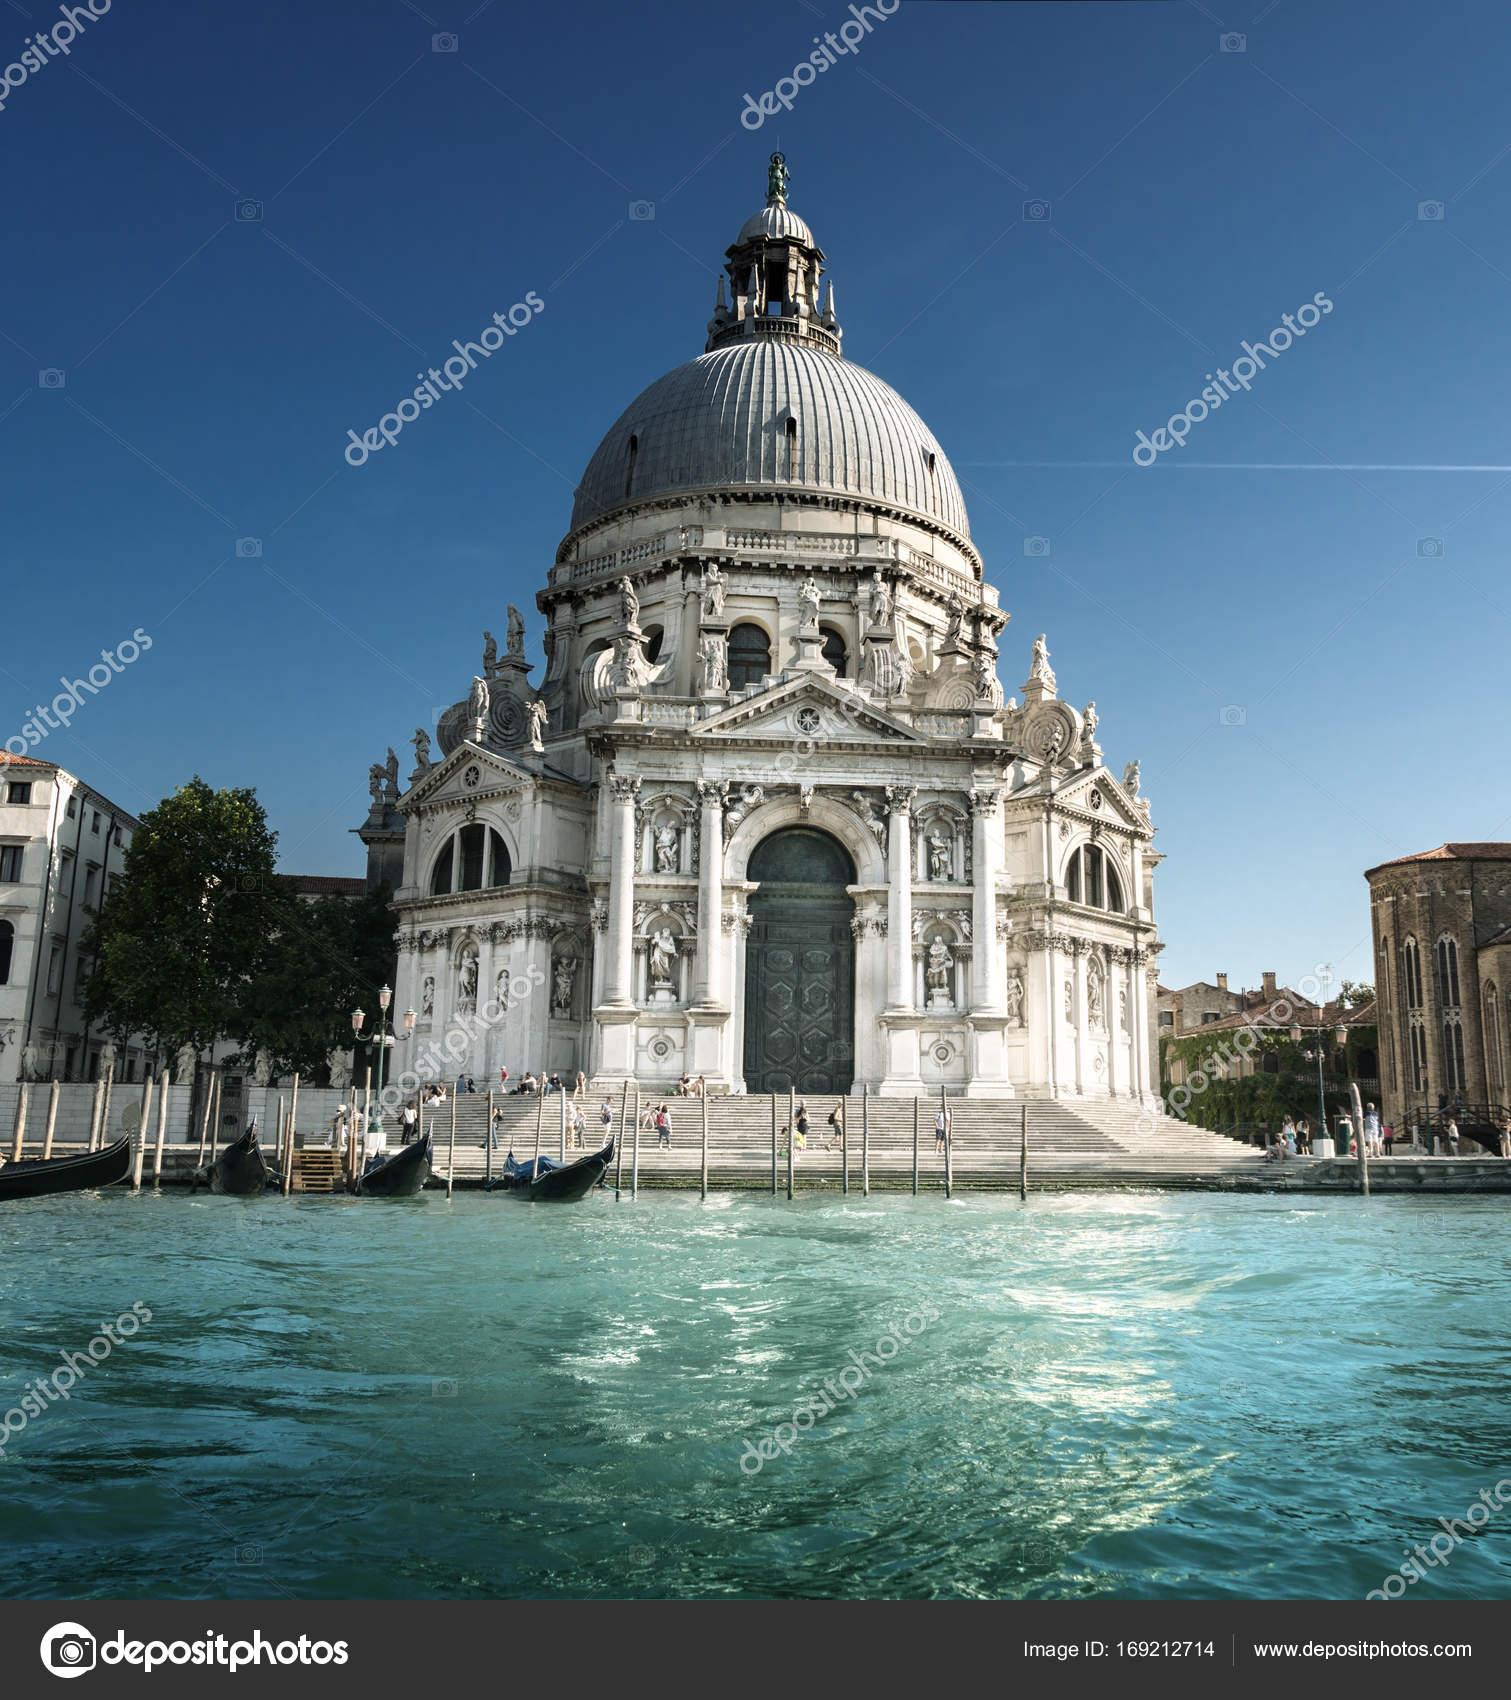 basilica santa maria della salute venice italy stock photo